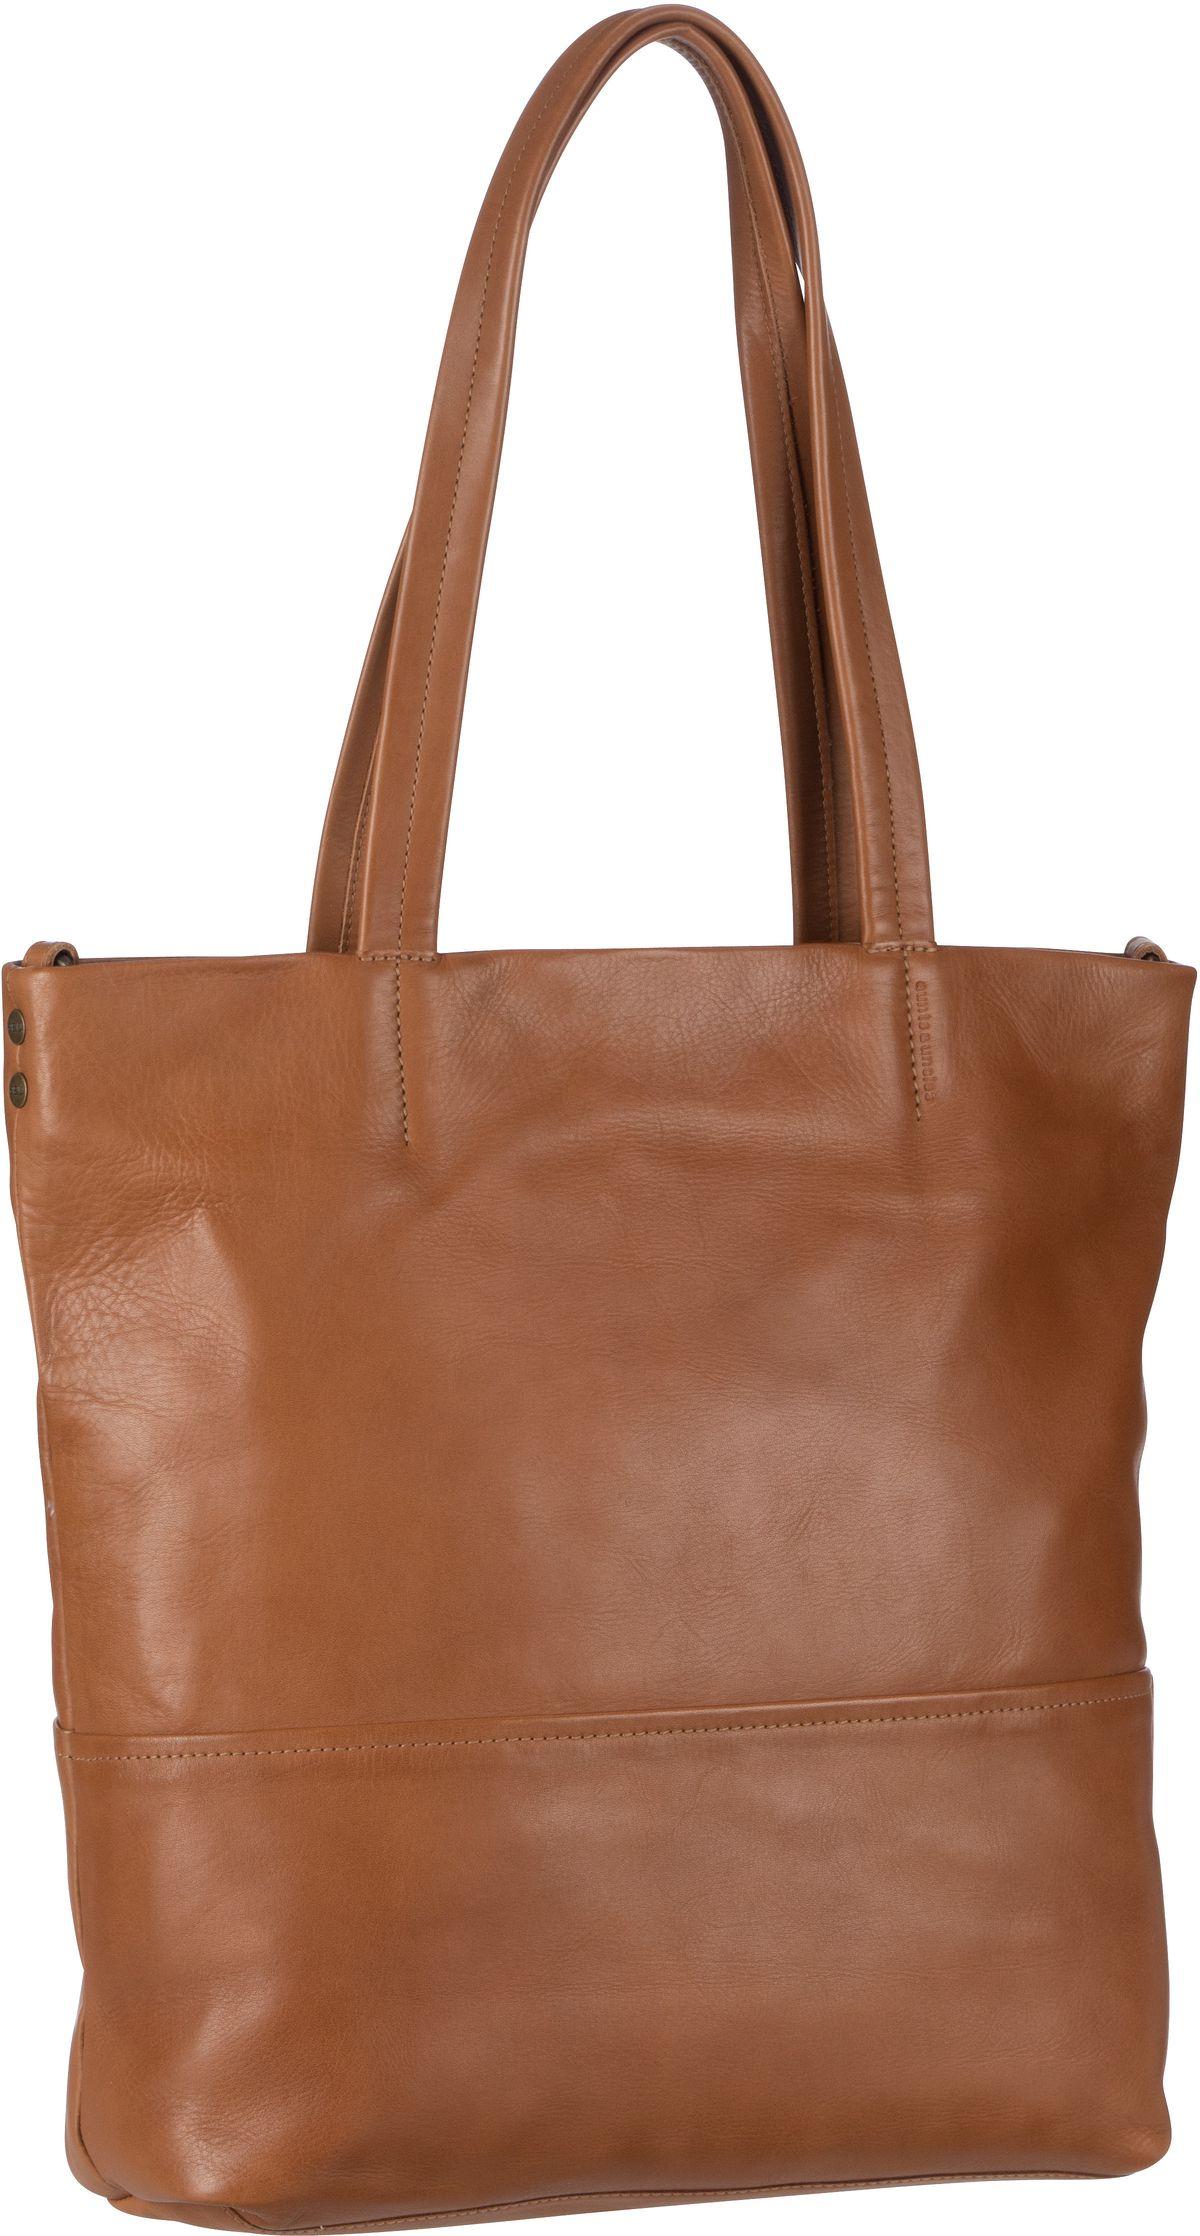 Handtasche Kiwano Cognac